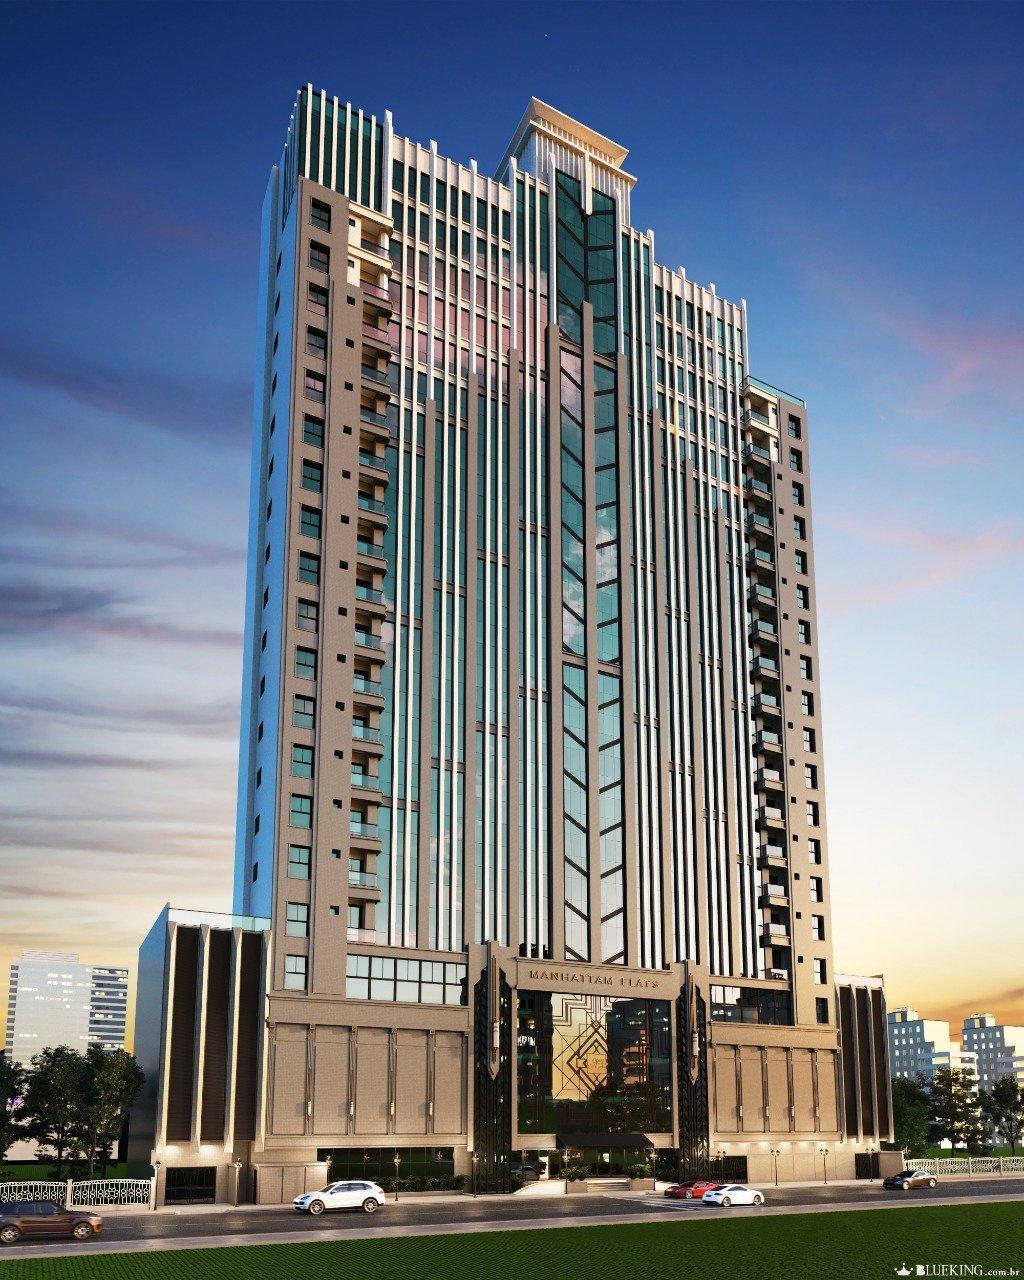 APARTAMENTO com 2 dormitórios à venda por R$ 480.500,00 no bairro Centro - ITAPEMA / SC